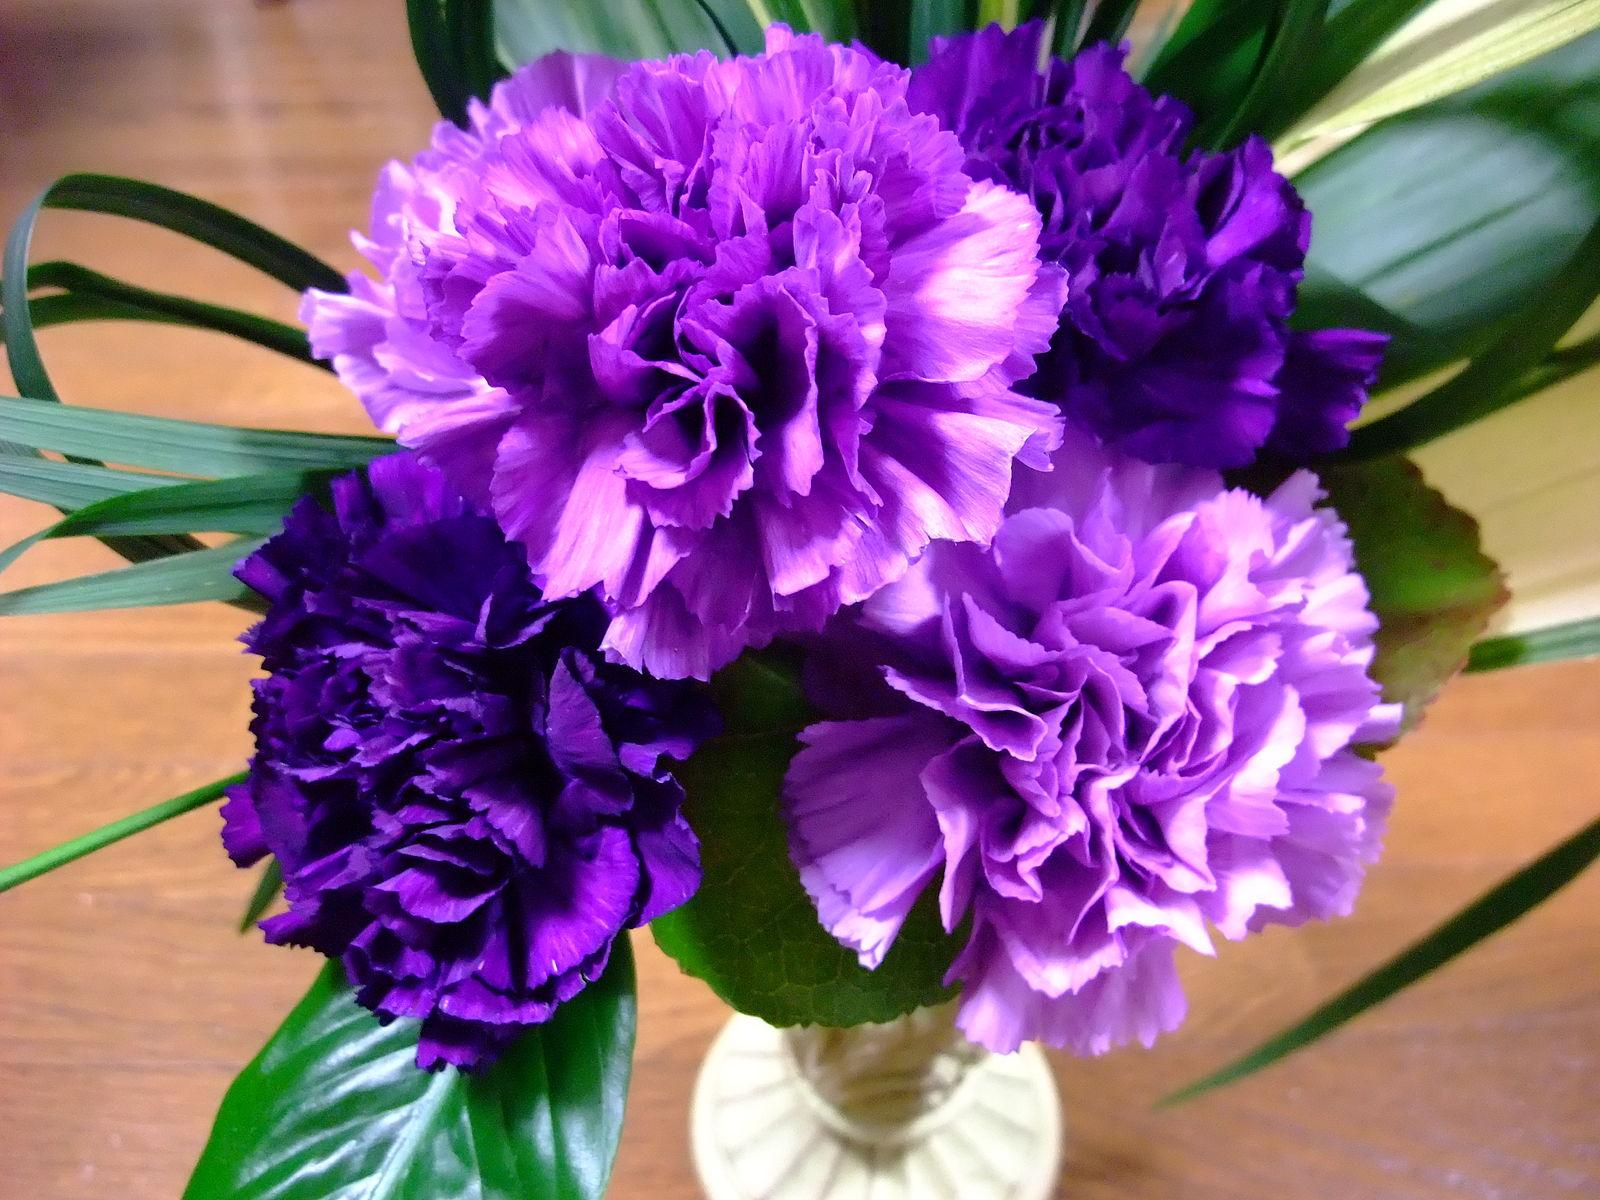 La recherche de la fleur bleue jardinier paresseux for Recherche jardinier